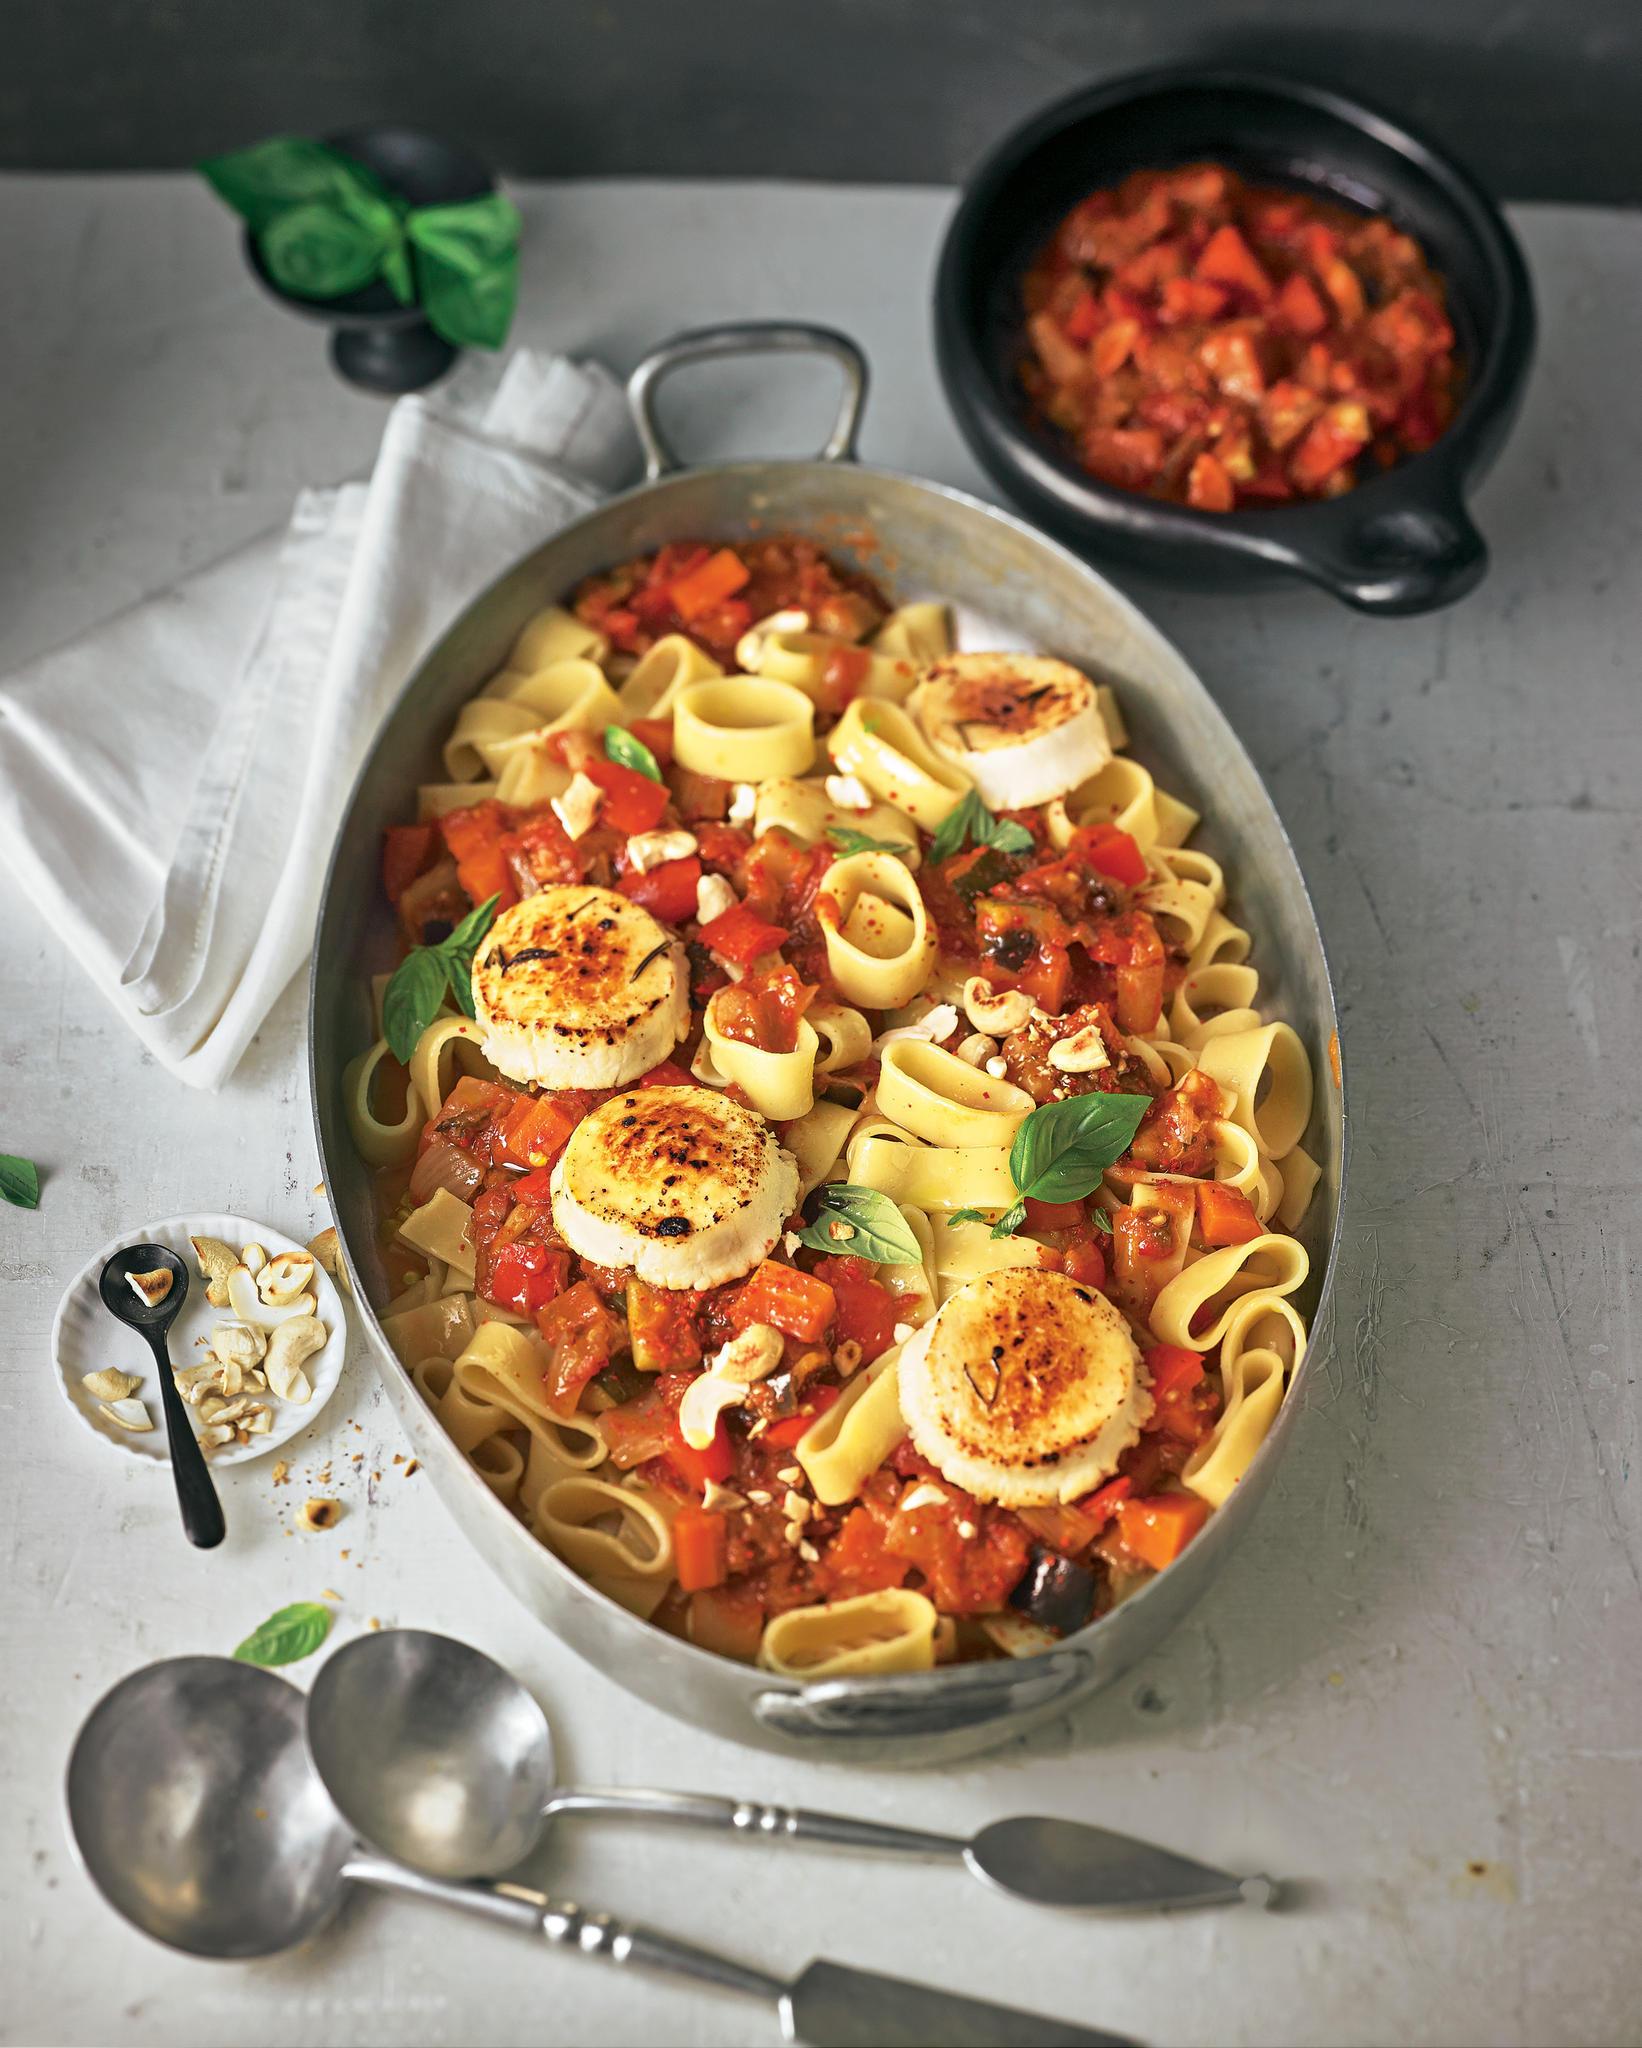 Leichte Mediterrane Küche Rezepte | Beaufiful Chefkoch Mediterrane ...